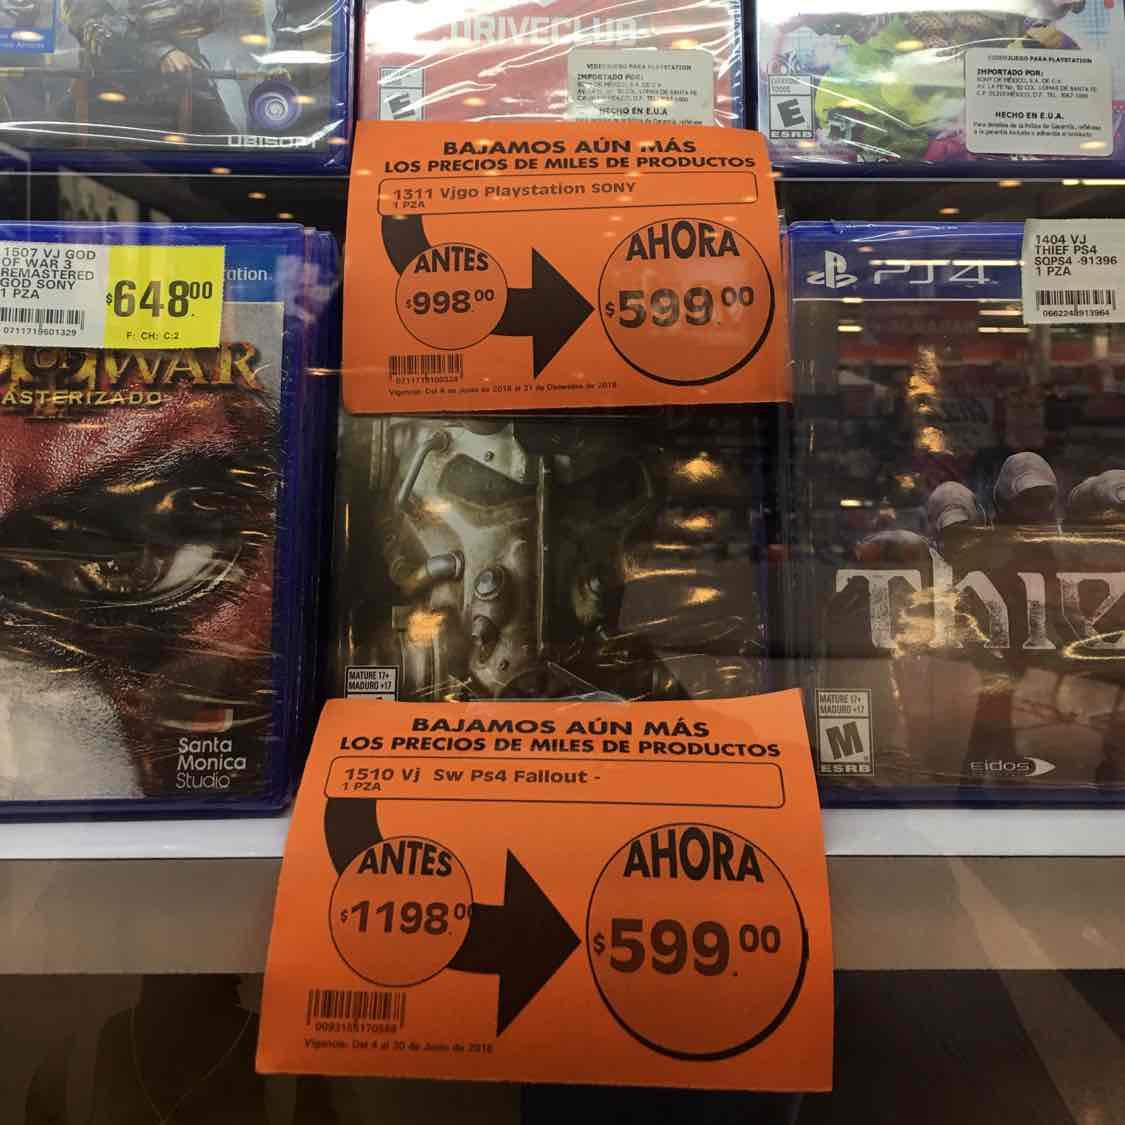 Comercial Mexicana Bahía de Santa Bárbara: Fallout 4 PS4 con 50% de descuento